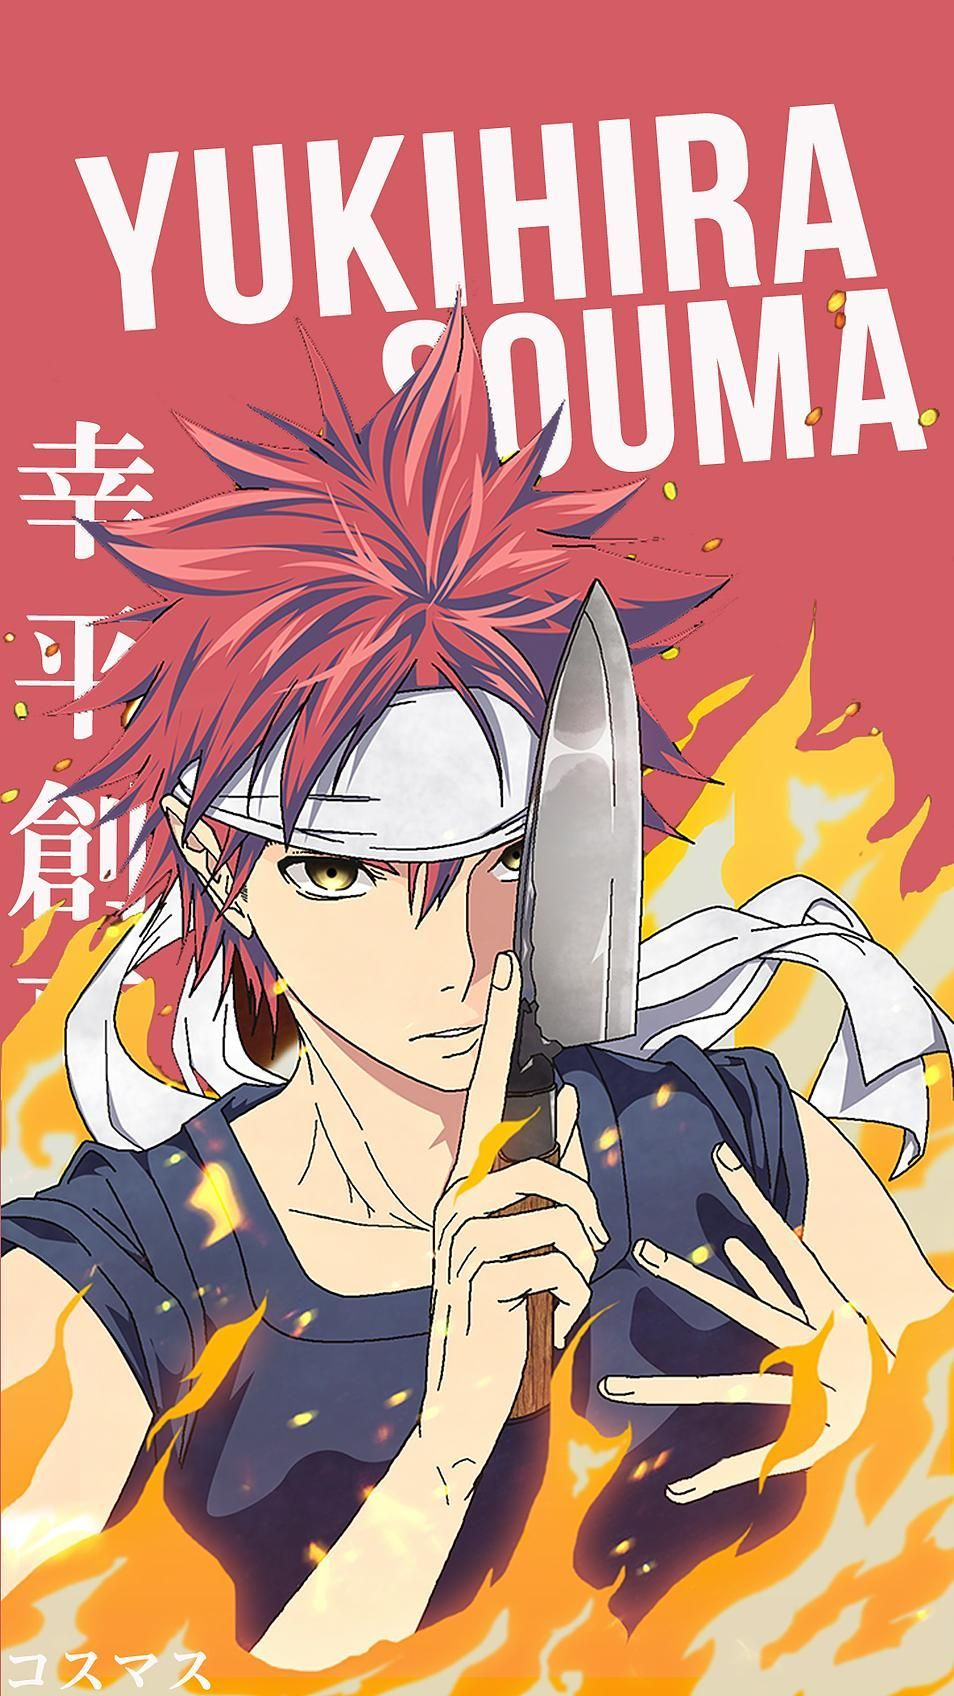 Yukihira Souma V1 Personajes de anime, Películas de anime